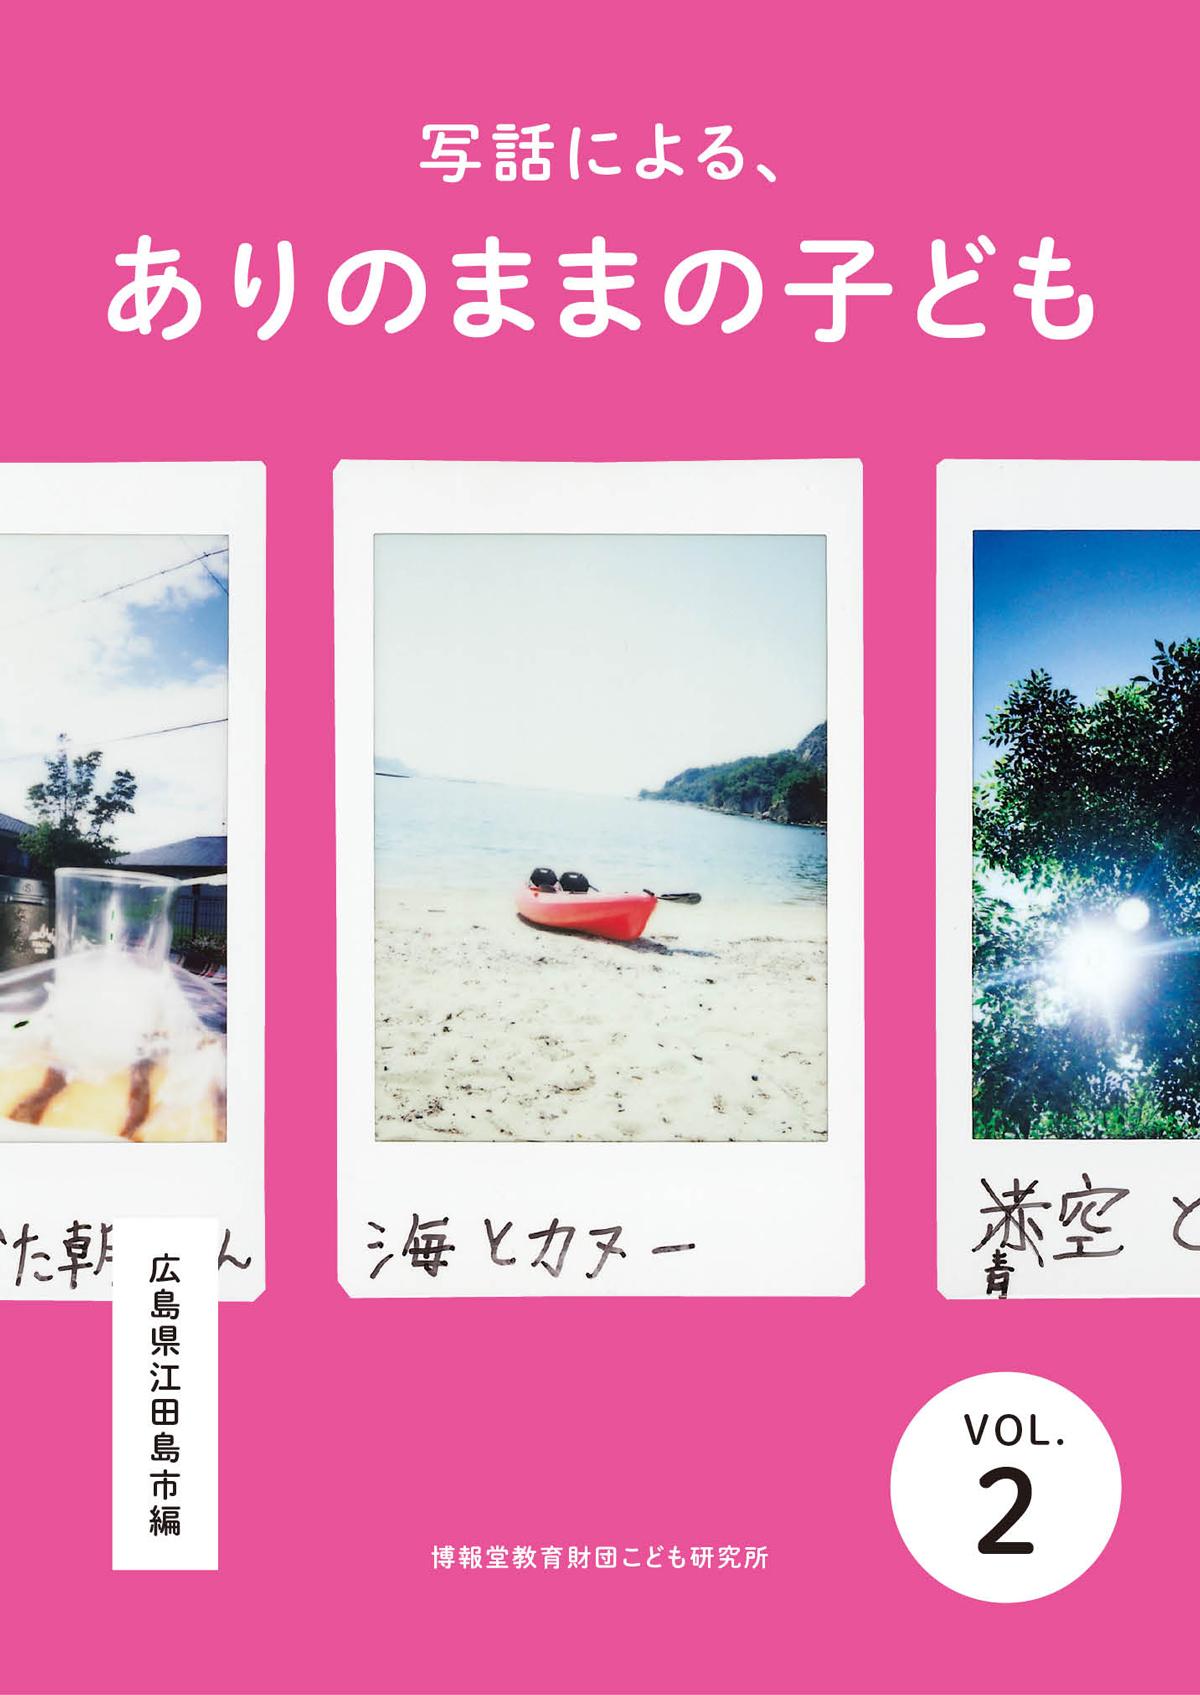 001_syawa2